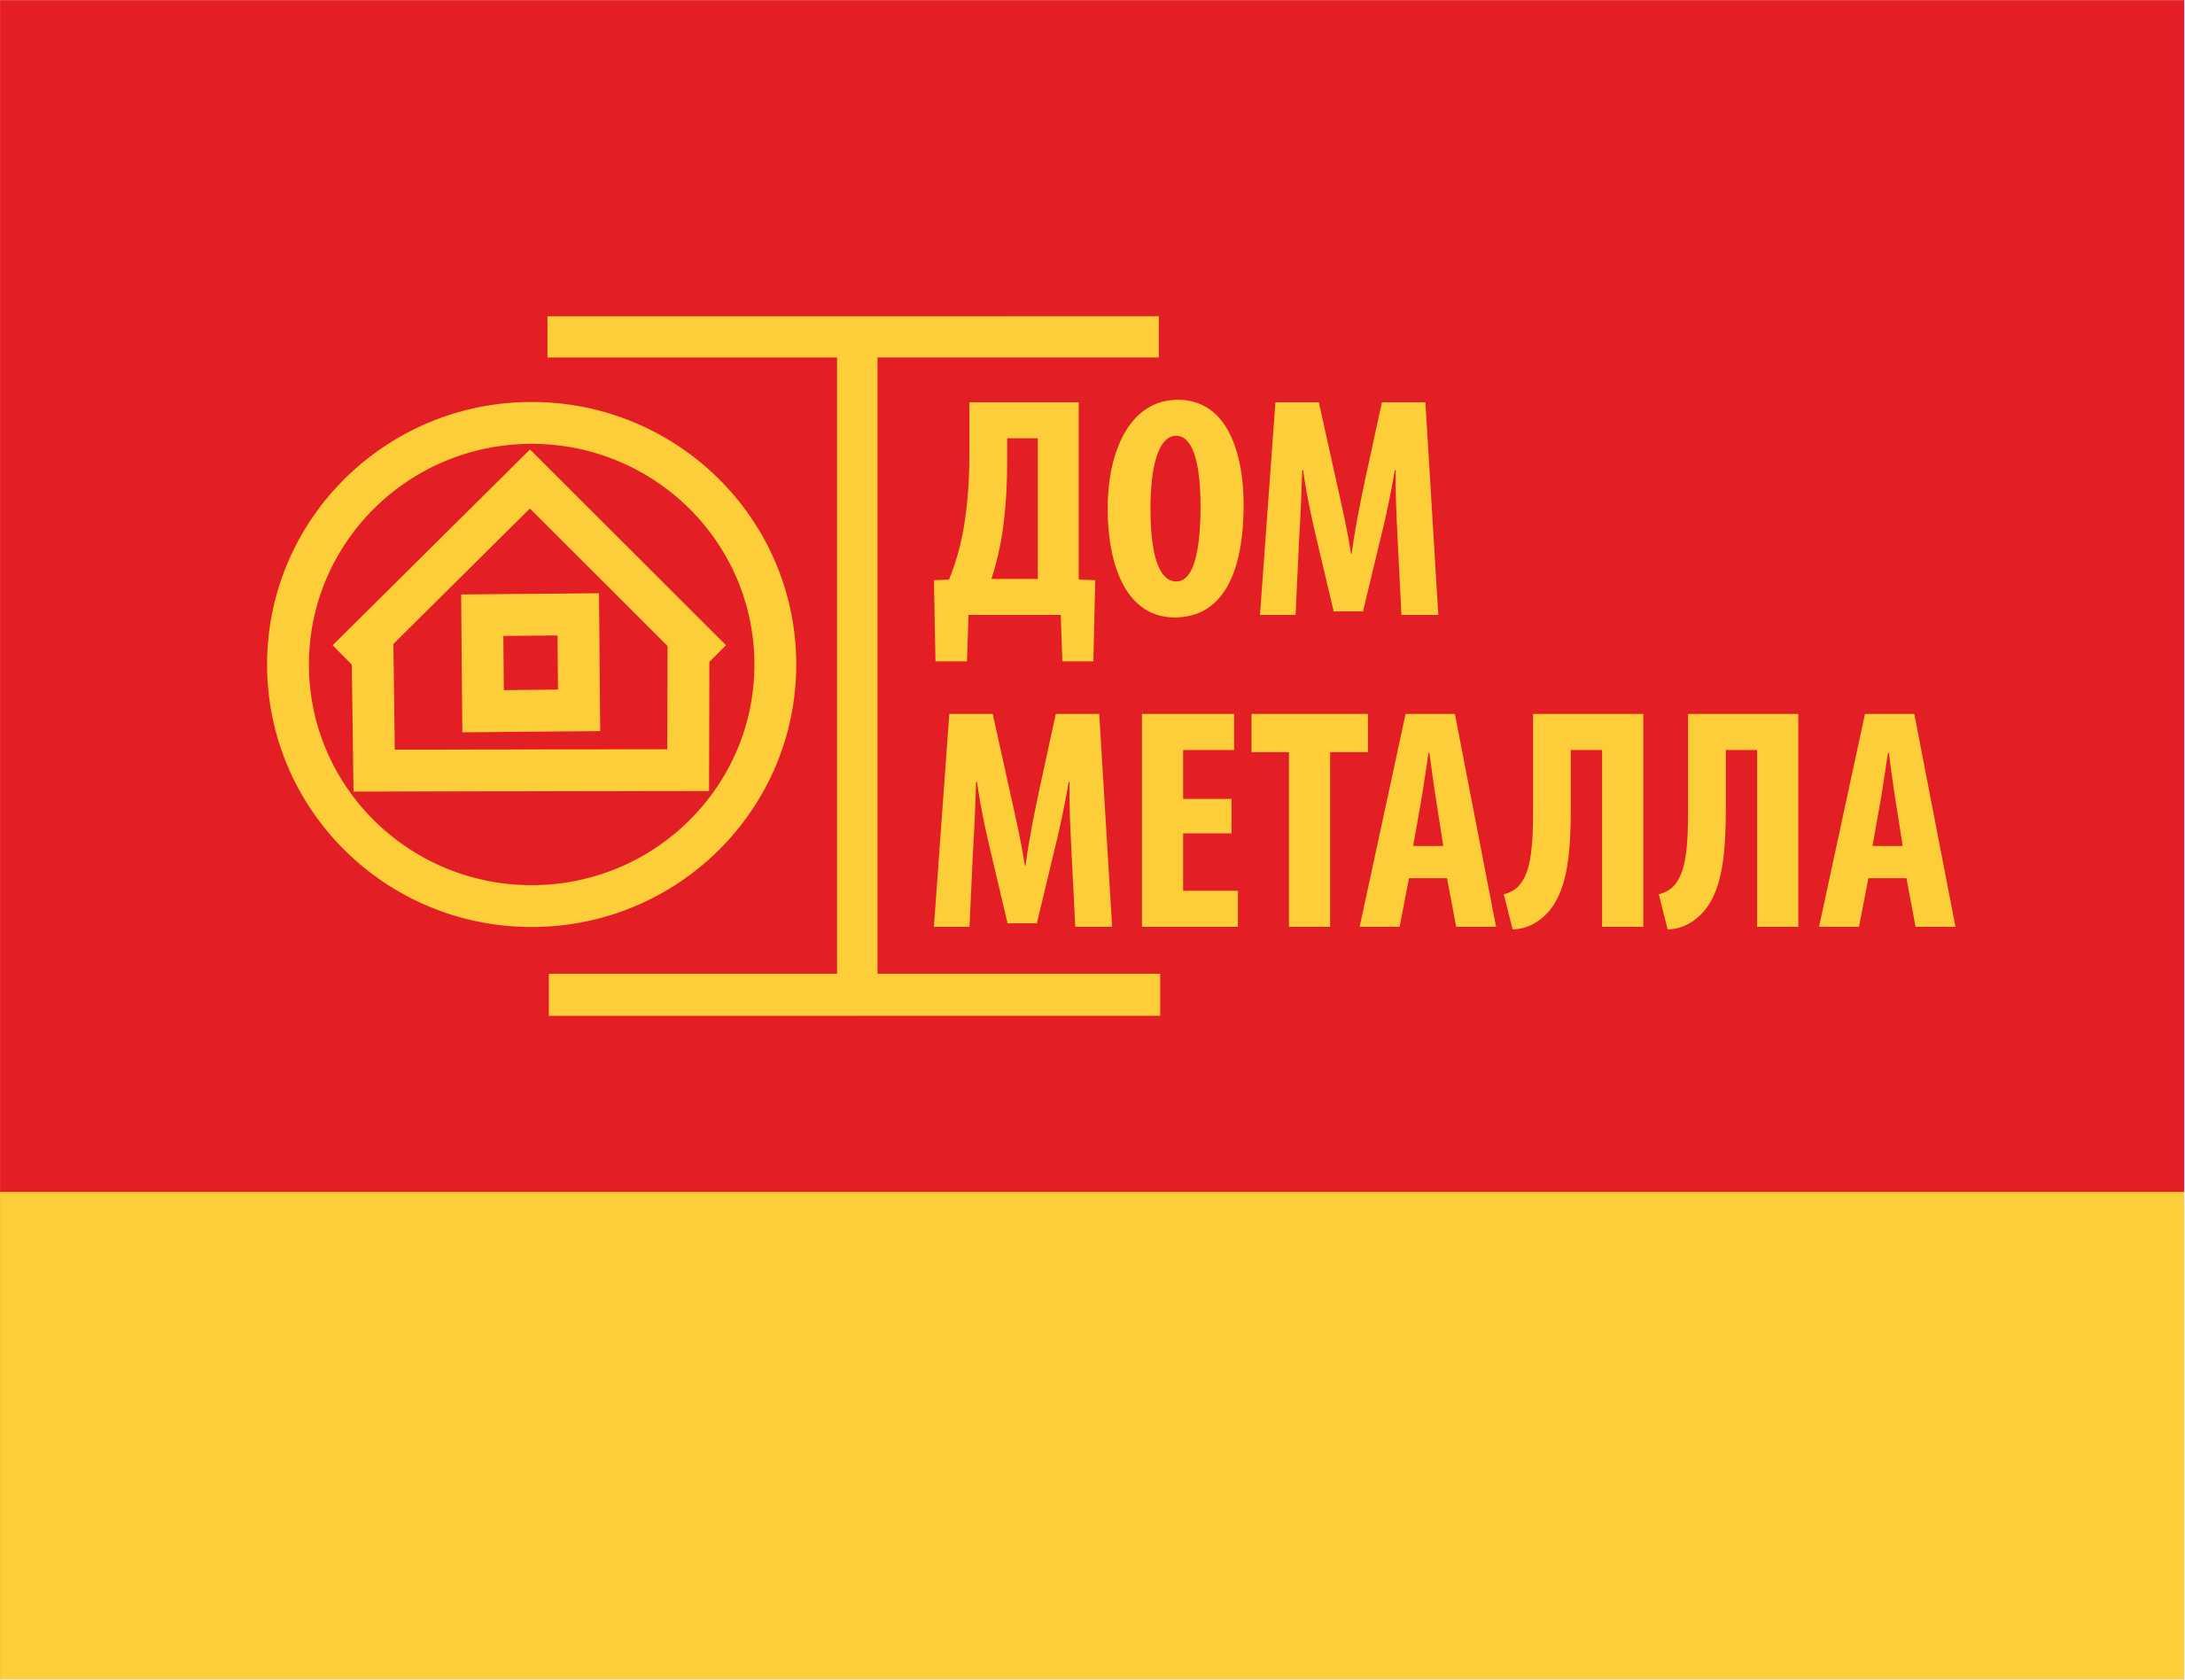 Разработка логотипа фото f_6025c5c6f773e879.jpg